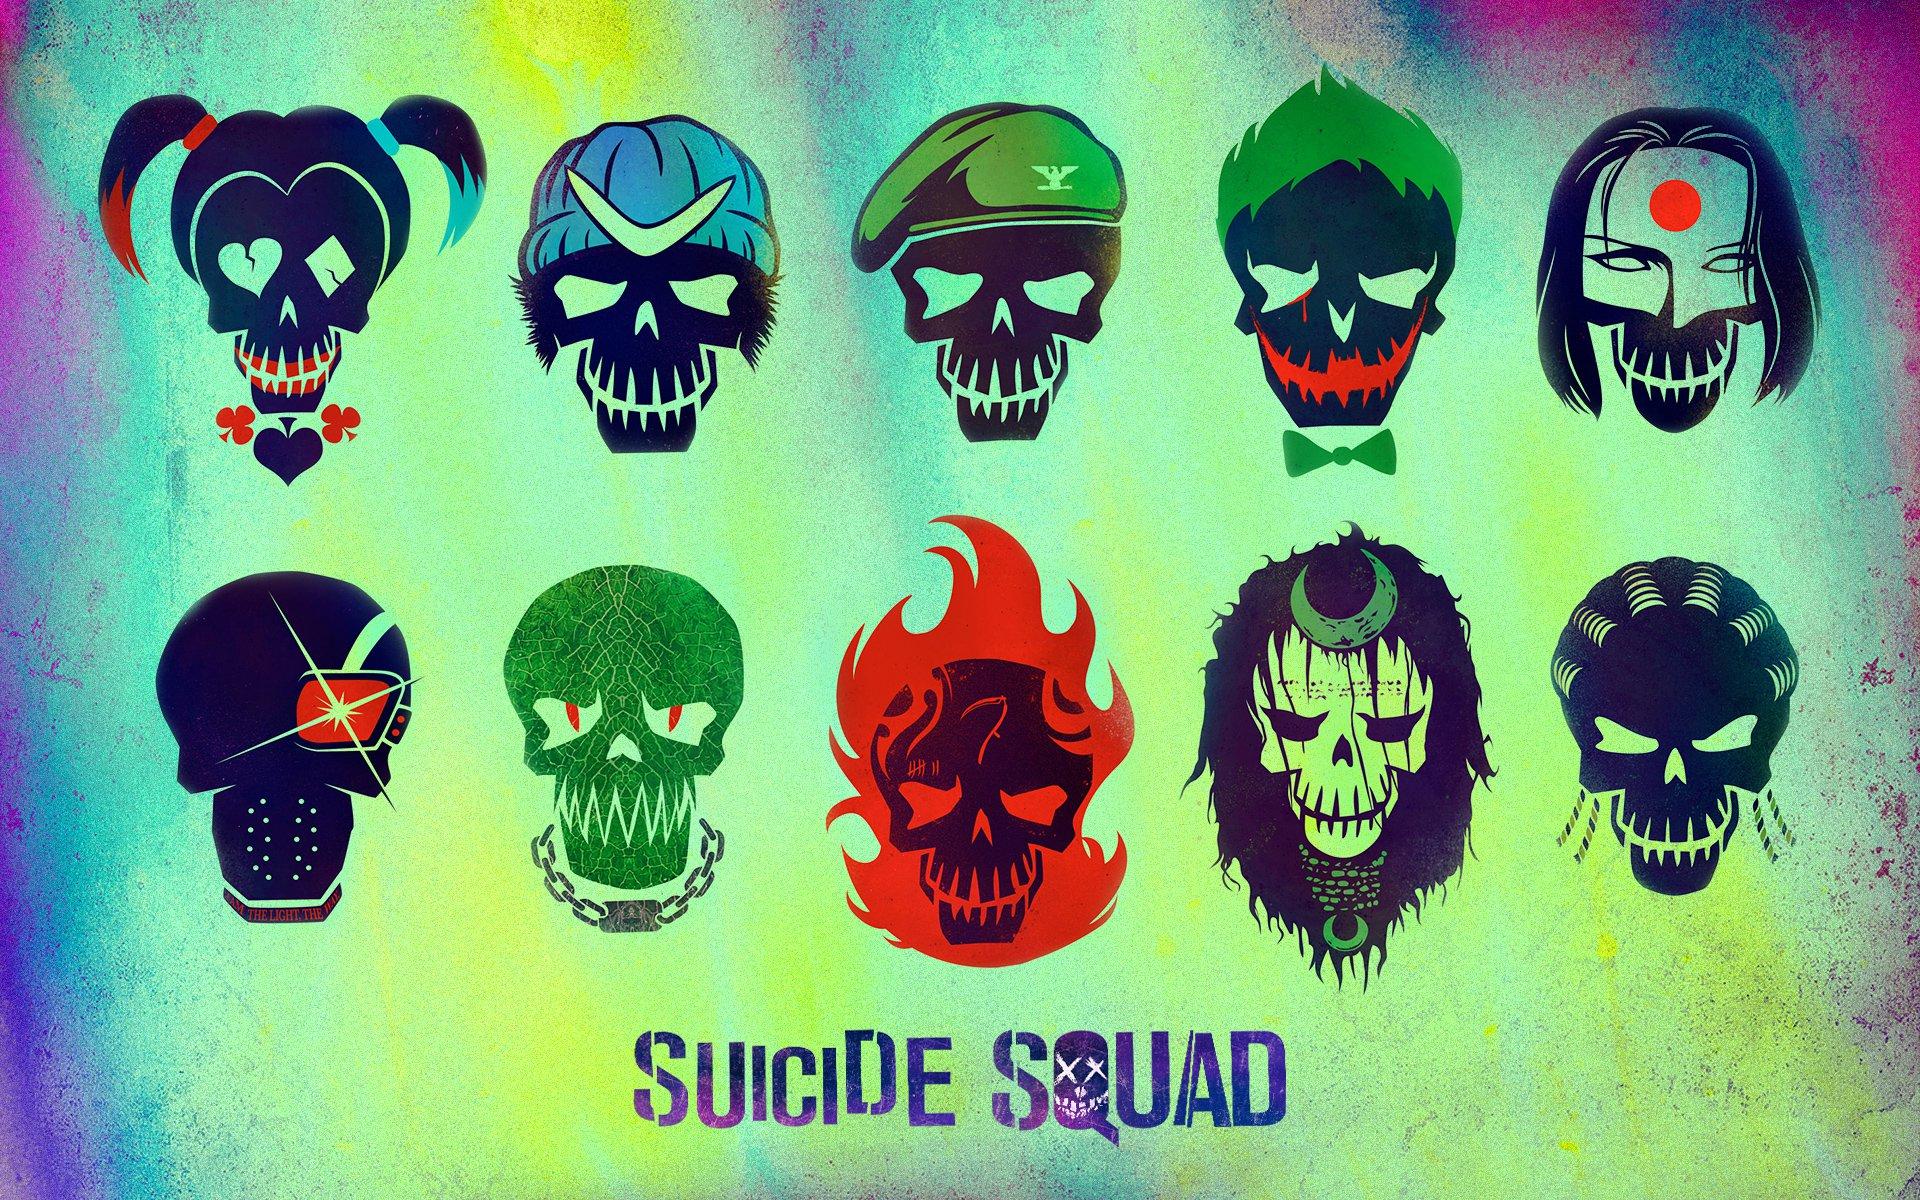 Suicide Squad picha Suicide Squad Skull karatasi la kupamba ukuta 1920x1200